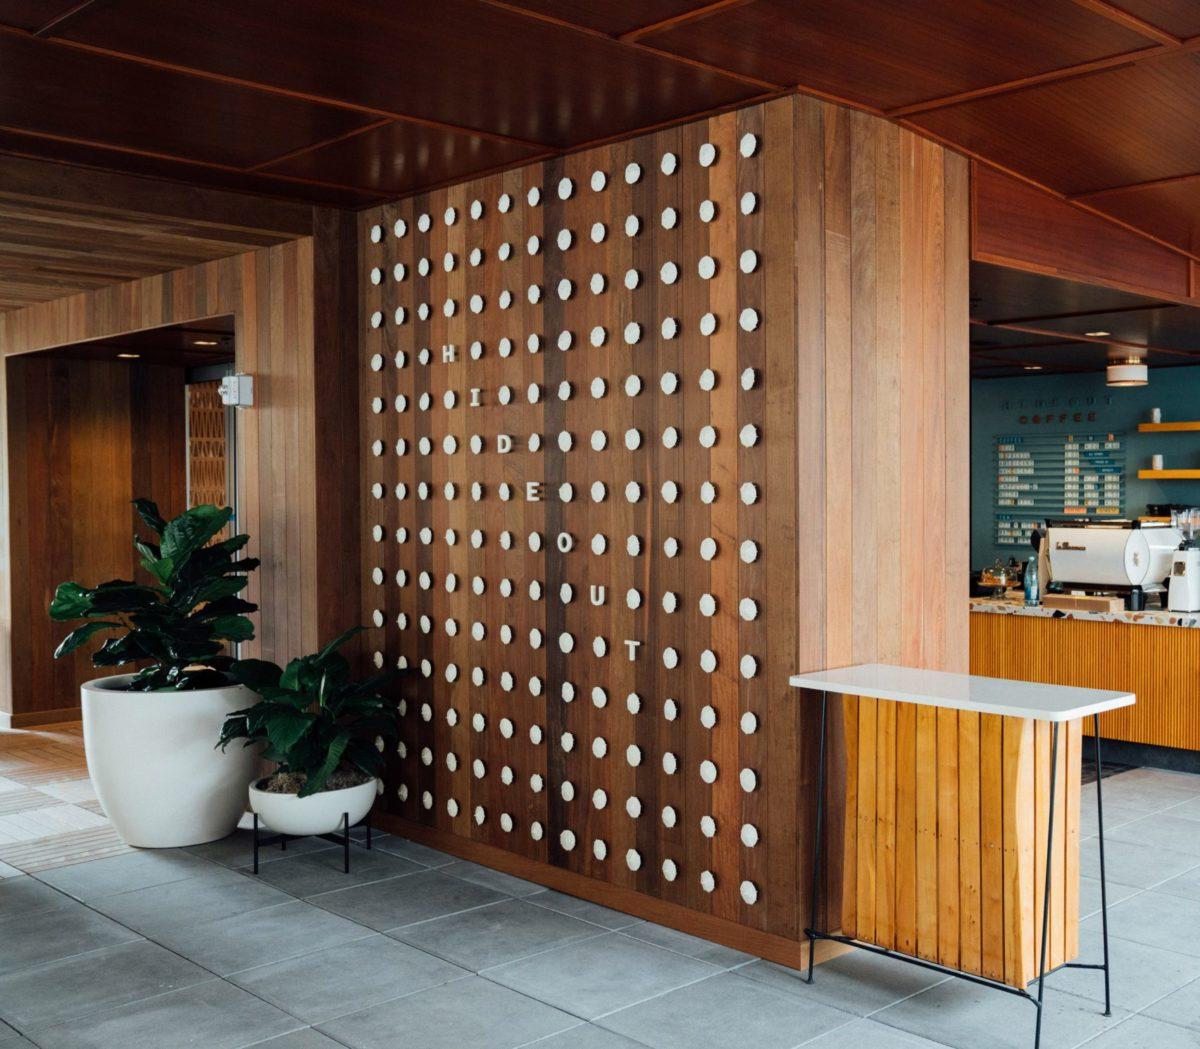 Nội Thất Khách Sạn Laylow - Hawaii 5